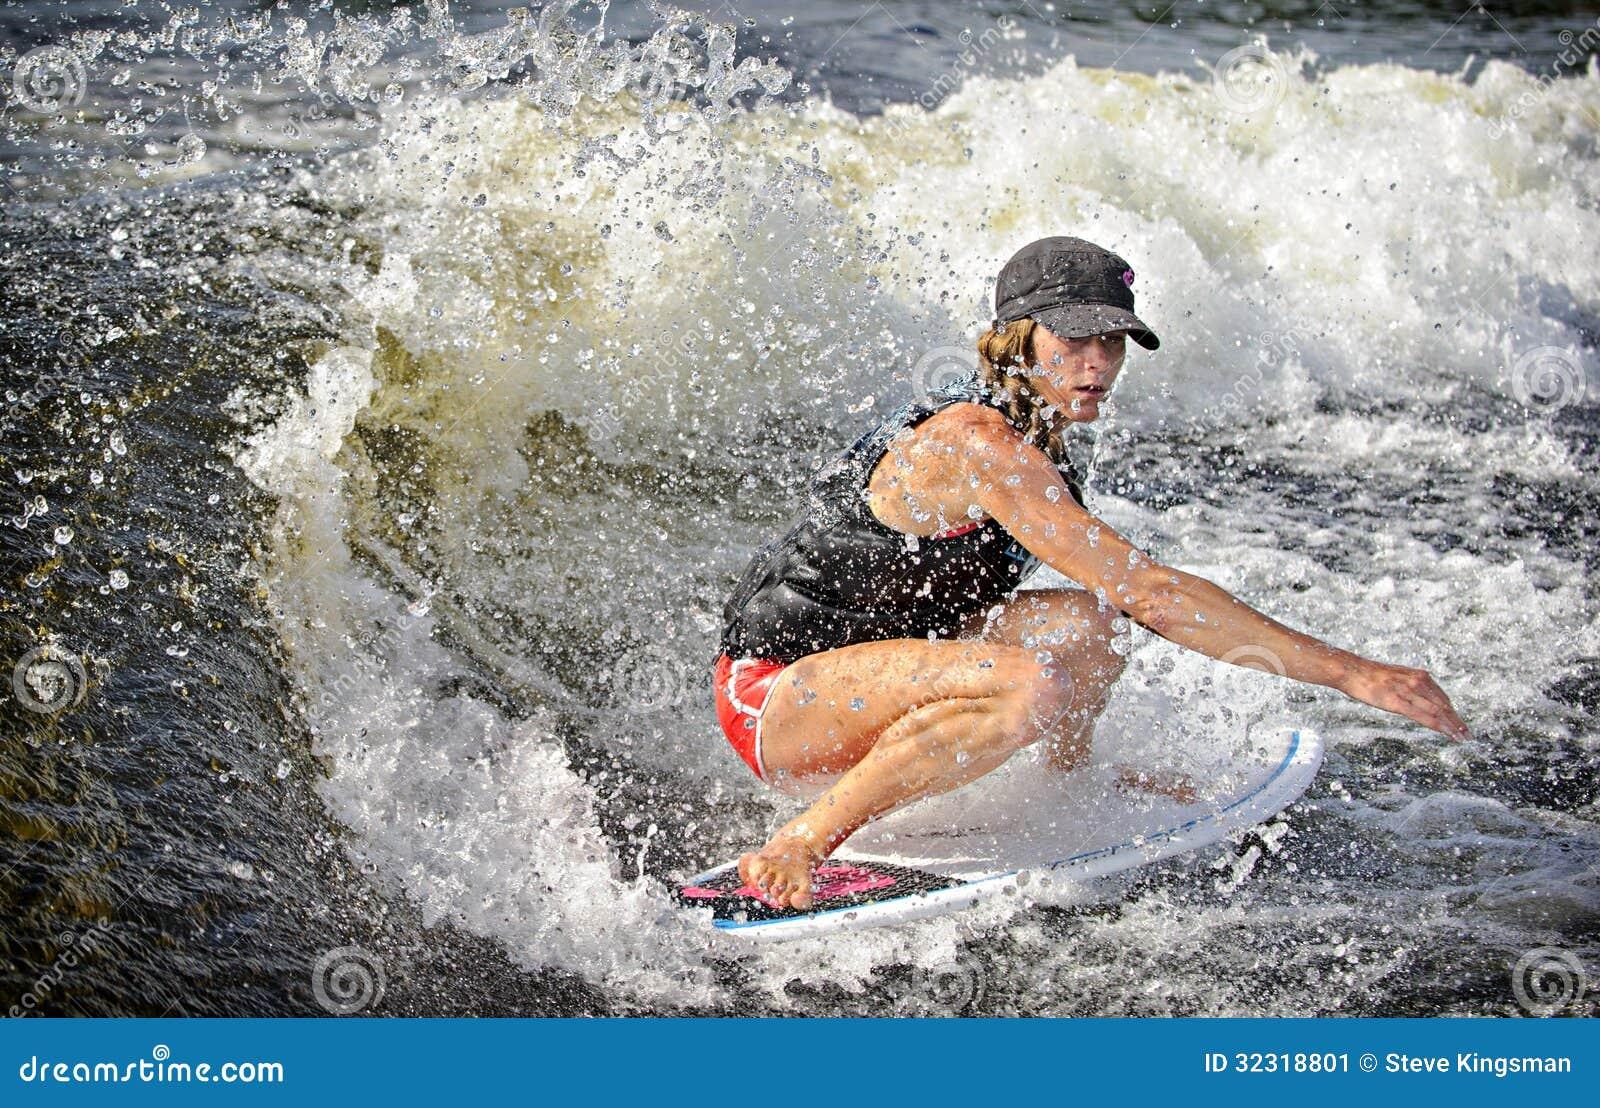 Kilwateru surfing